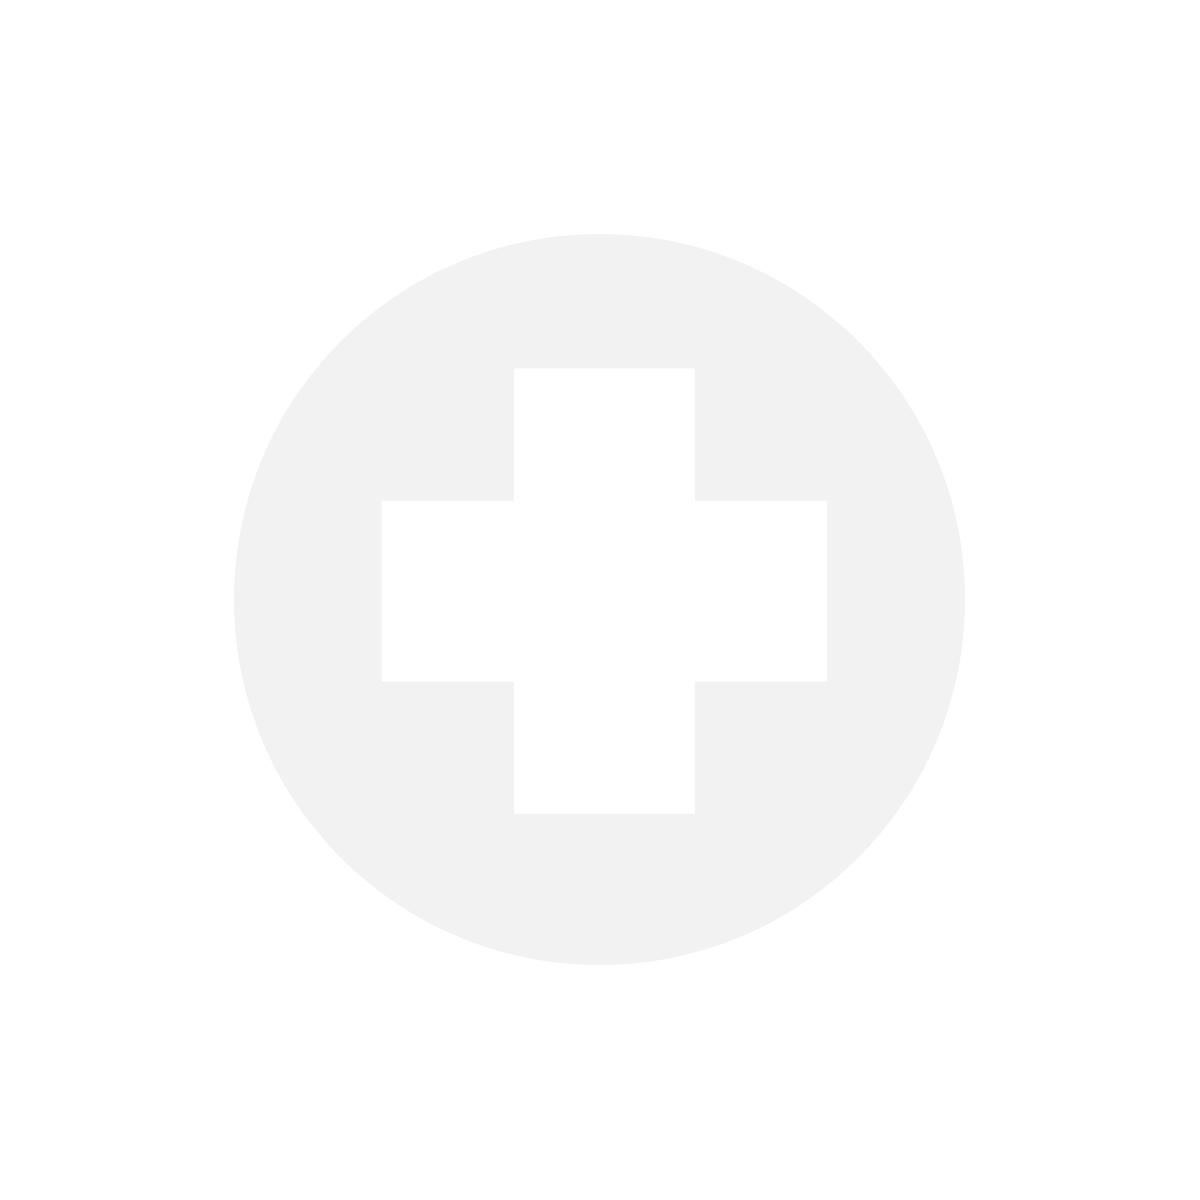 Masques chirugicaux 3 plis